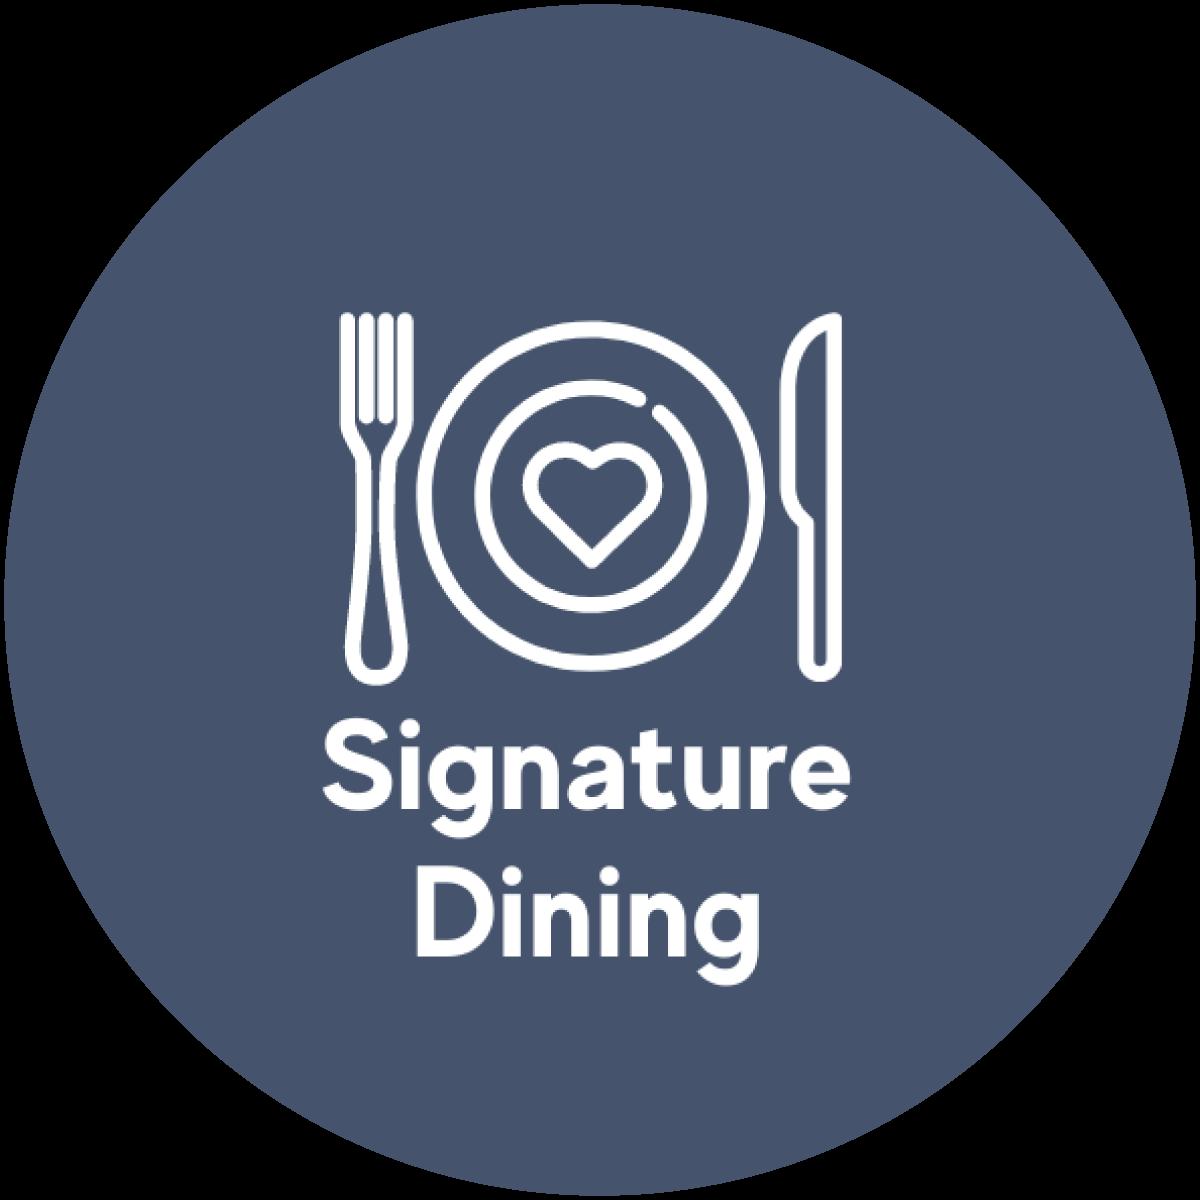 Signature Dining